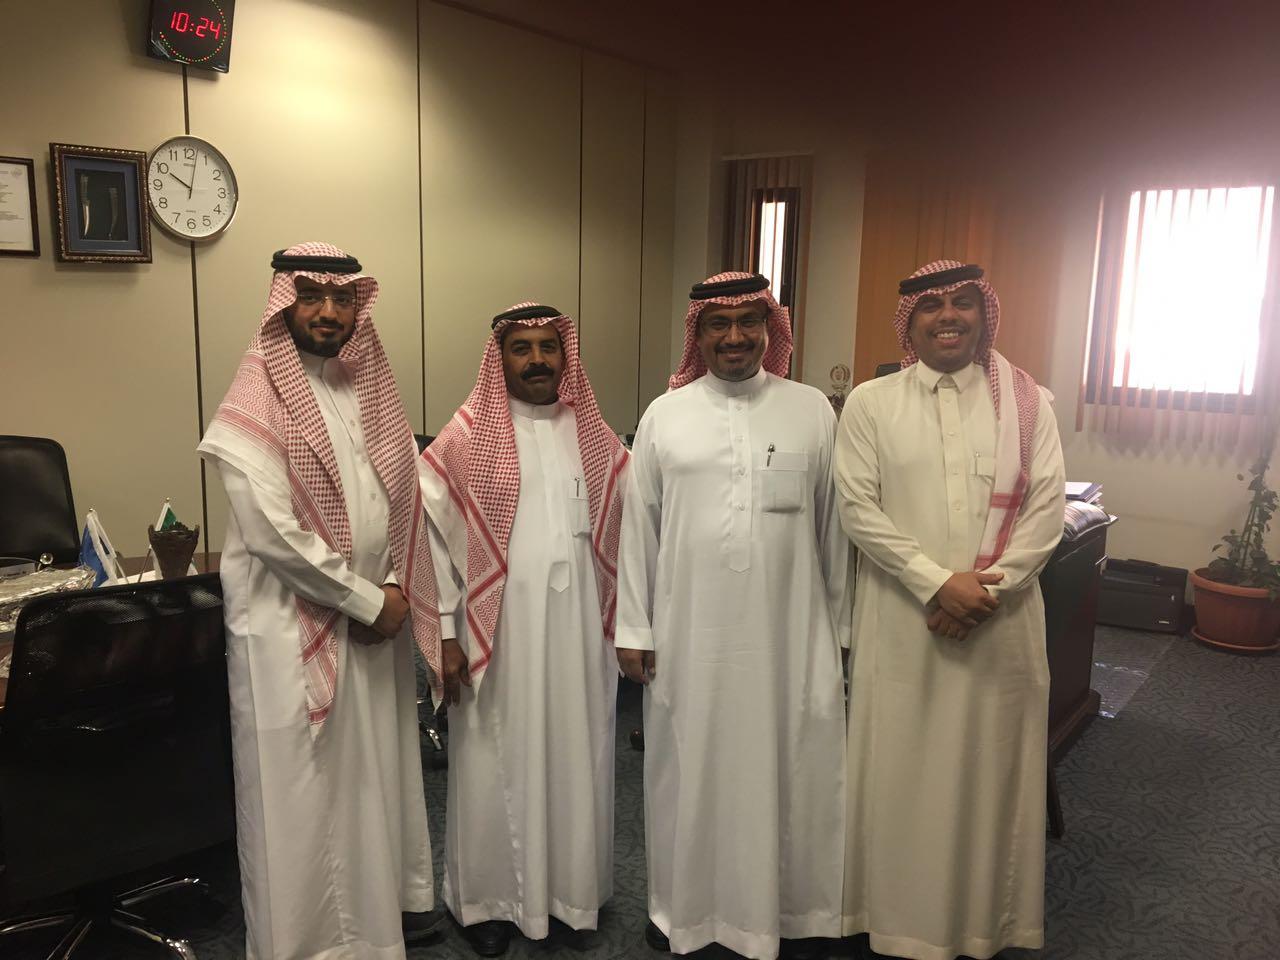 المشرف العام على مركز الرياض للحاضنات يزور كلية التمريض